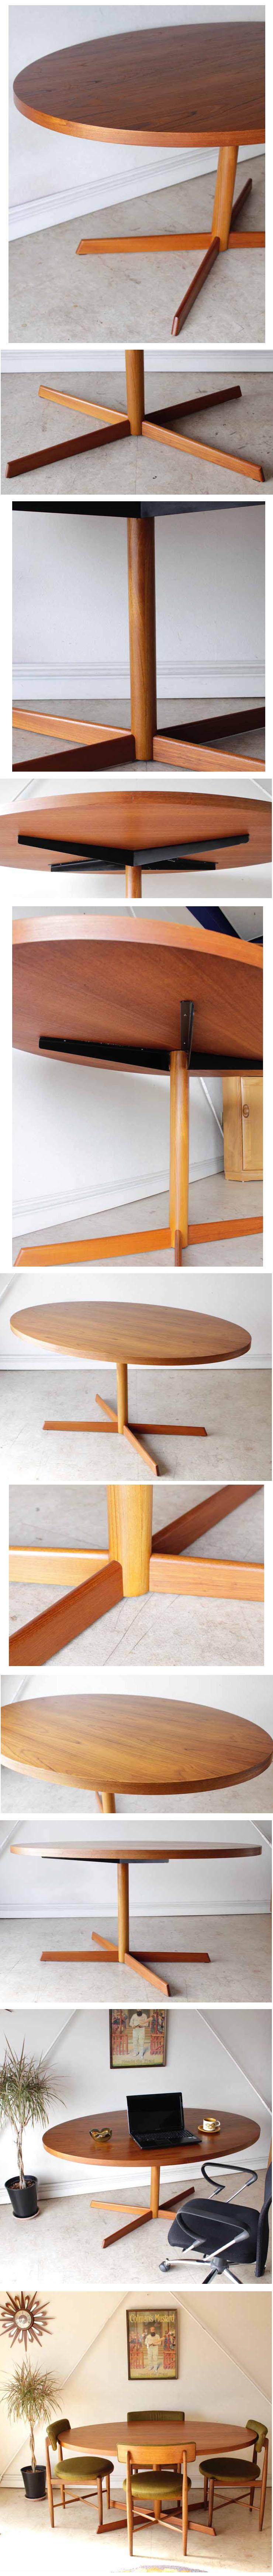 イギリス・ダイニングテーブル・オフィス・パソコンデスク・チーク・ビンテージ・アンティーク・北欧・ミッドセンチュリー